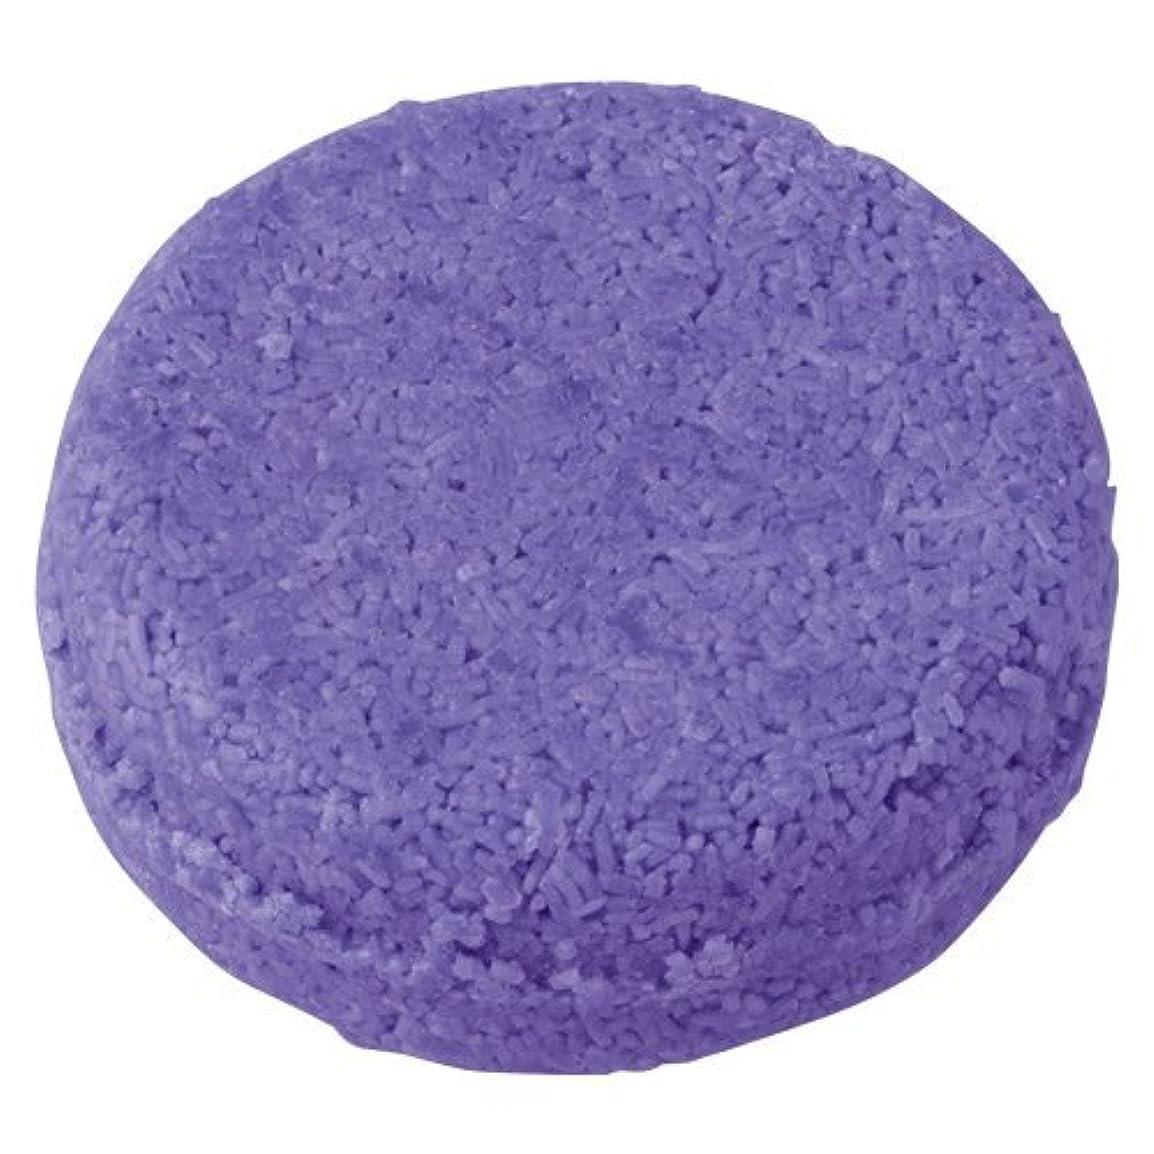 アロング販売員実装するラッシュ 紫ショック(55g)